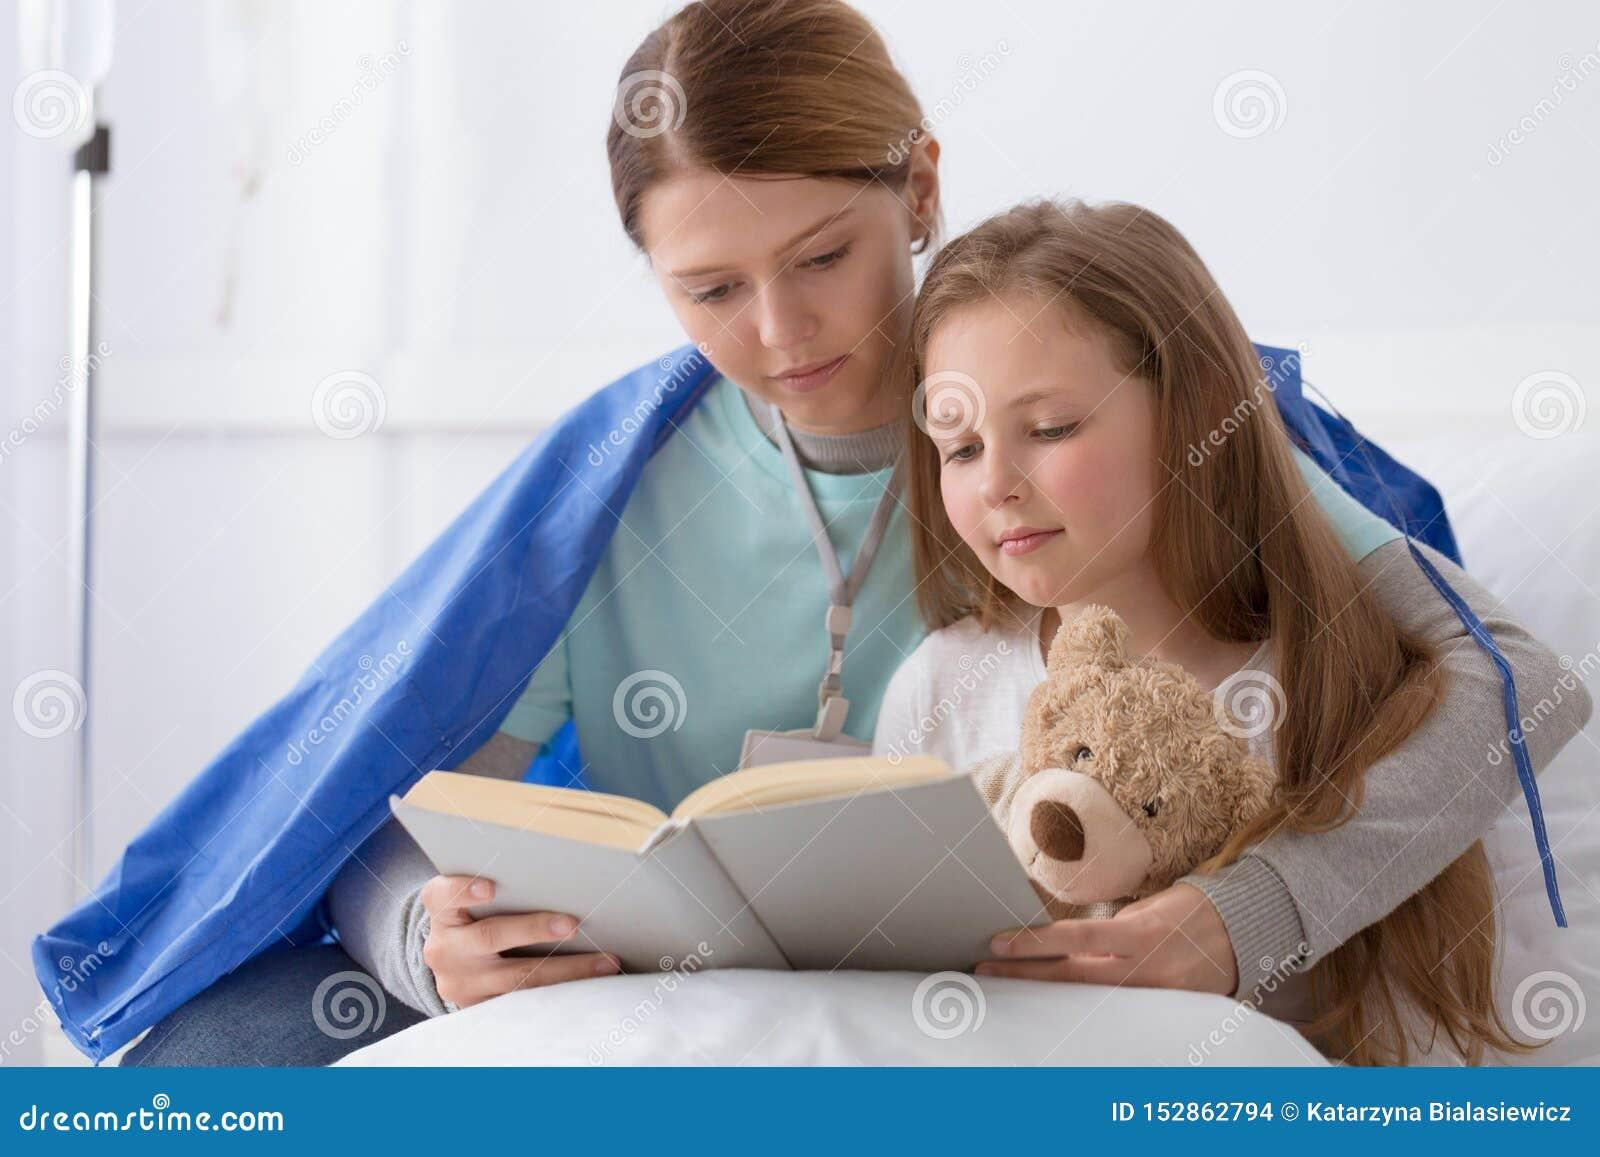 Junges blondes Mädchen und ein Freiwilliger, der sie liest